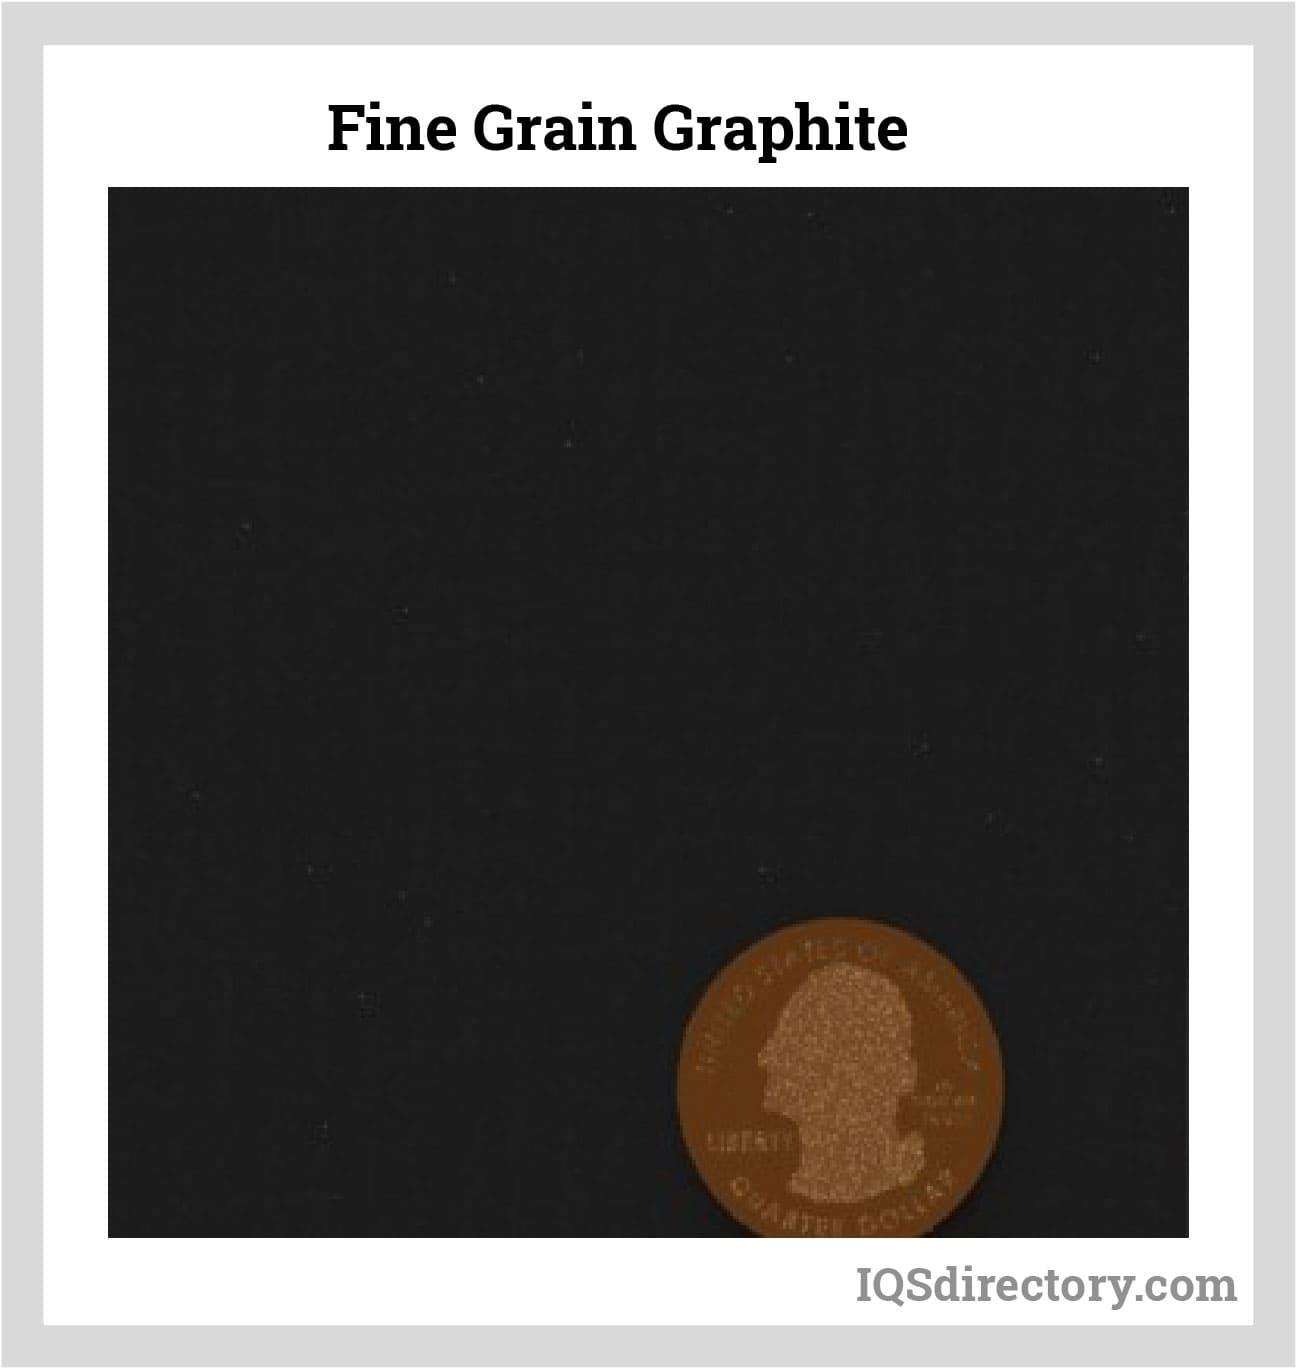 Fine Grain Graphite